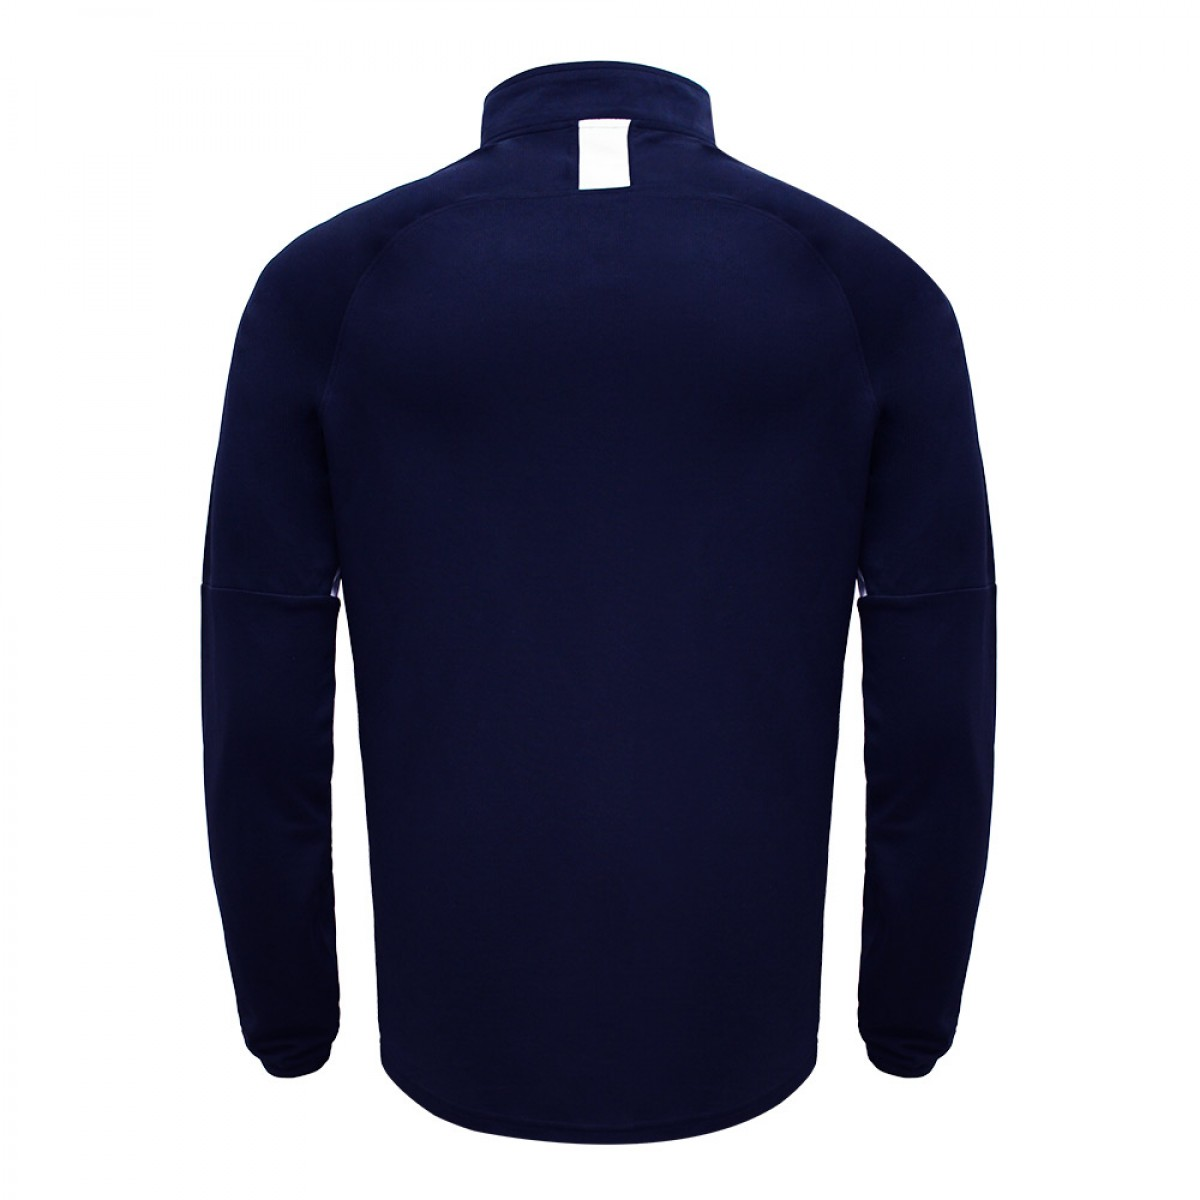 men-knitted-logo-track-set-jacket-kklj15965-5a